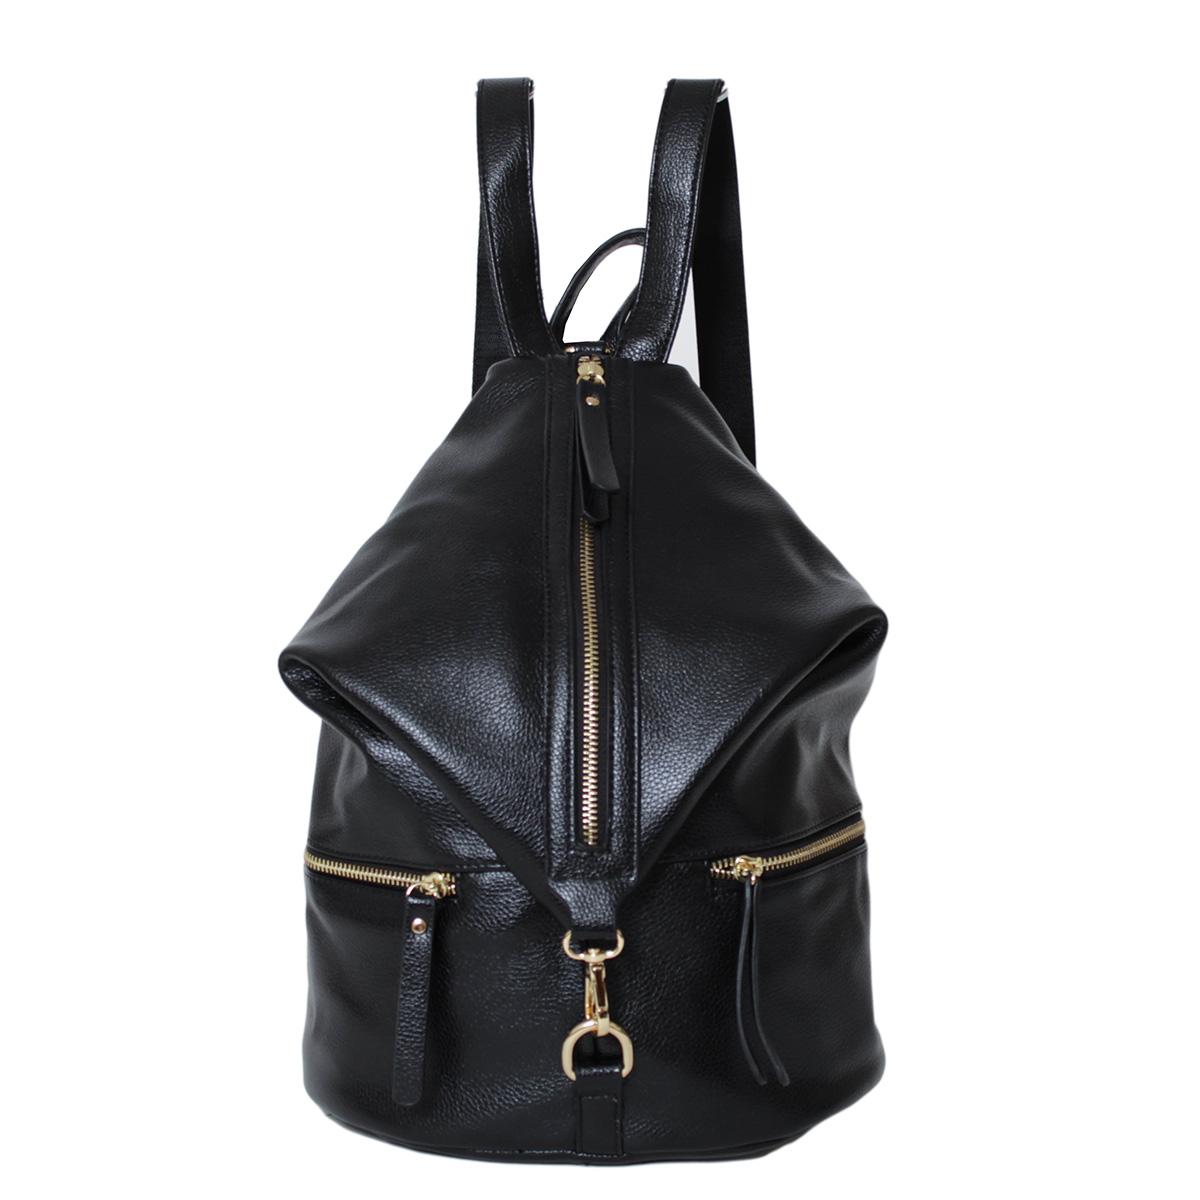 Рюкзак женский Flioraj, цвет: черный. 0005245400052454Закрывается на молнию. Внутри один карман на молнии. Снаружи два кармана на молнии. Высота ручки - 9 см.